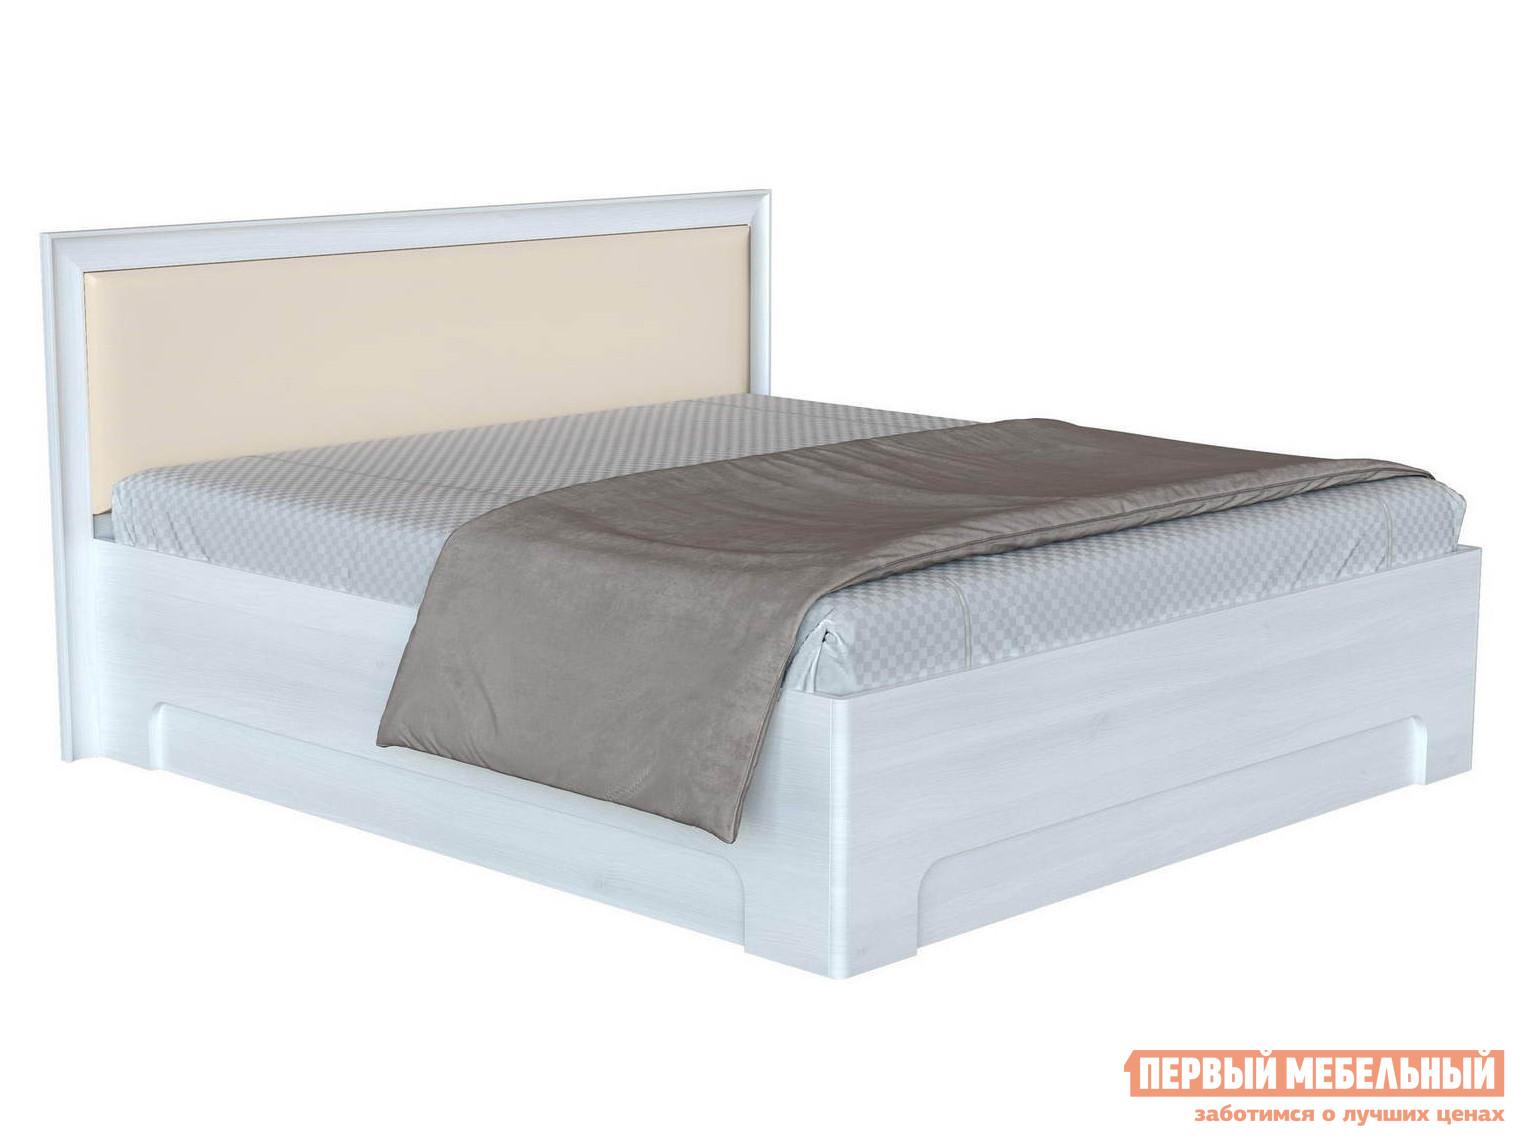 Двуспальная кровать с изголовьем из экокожи Первый Мебельный Прато 1 ПМ двуспальная кровать askona grace пм